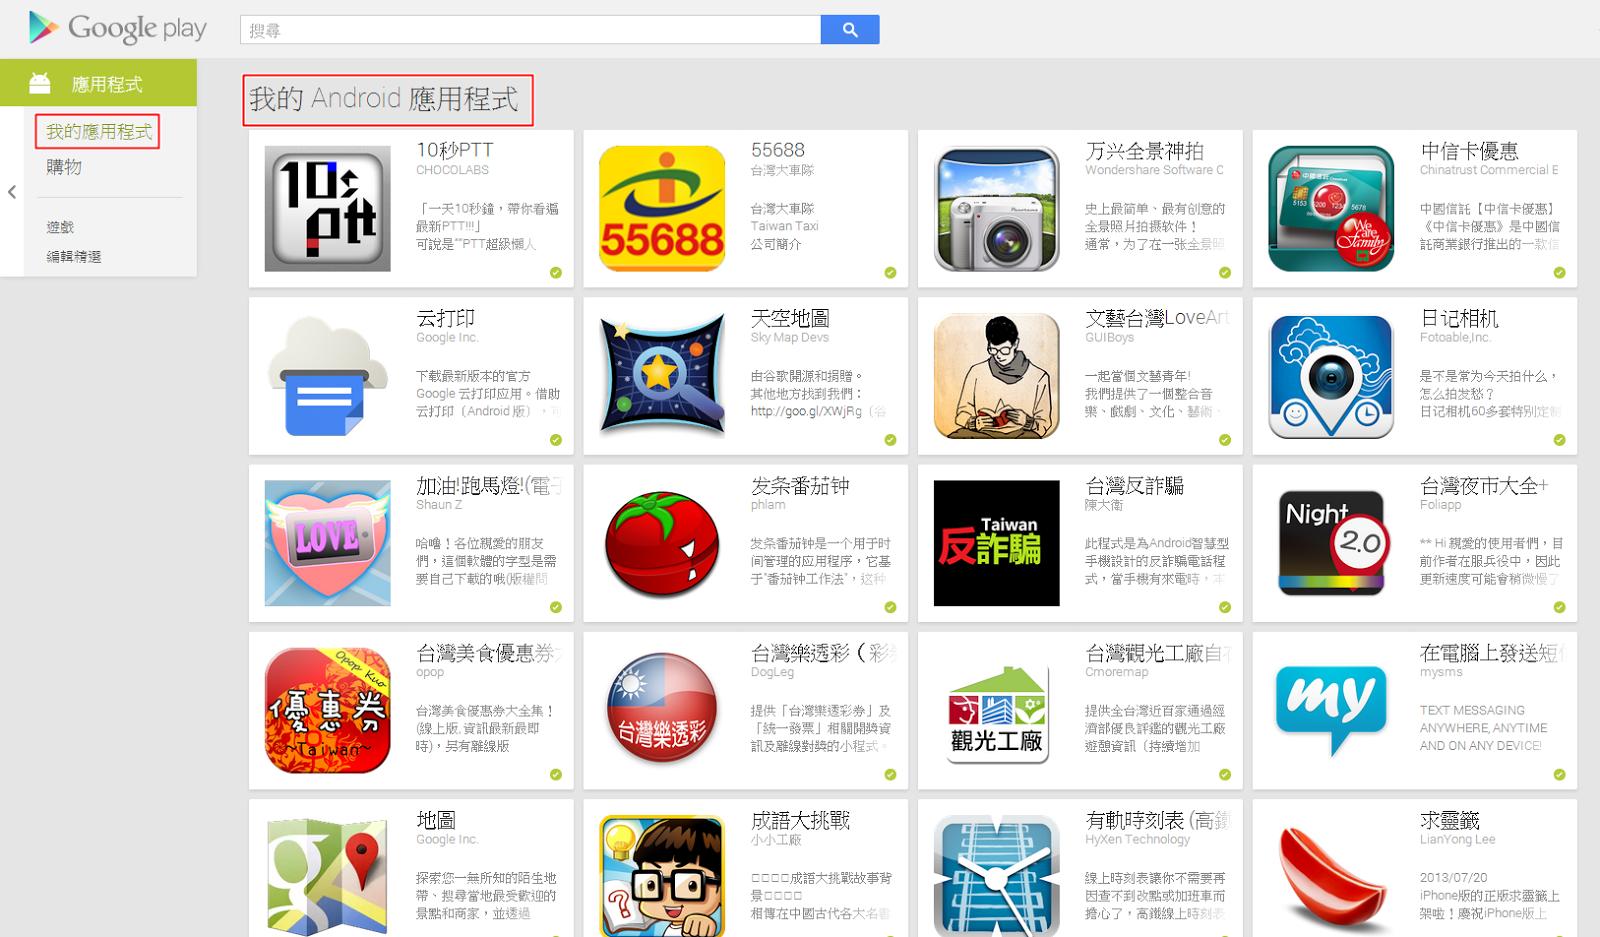 我的Android應用程式